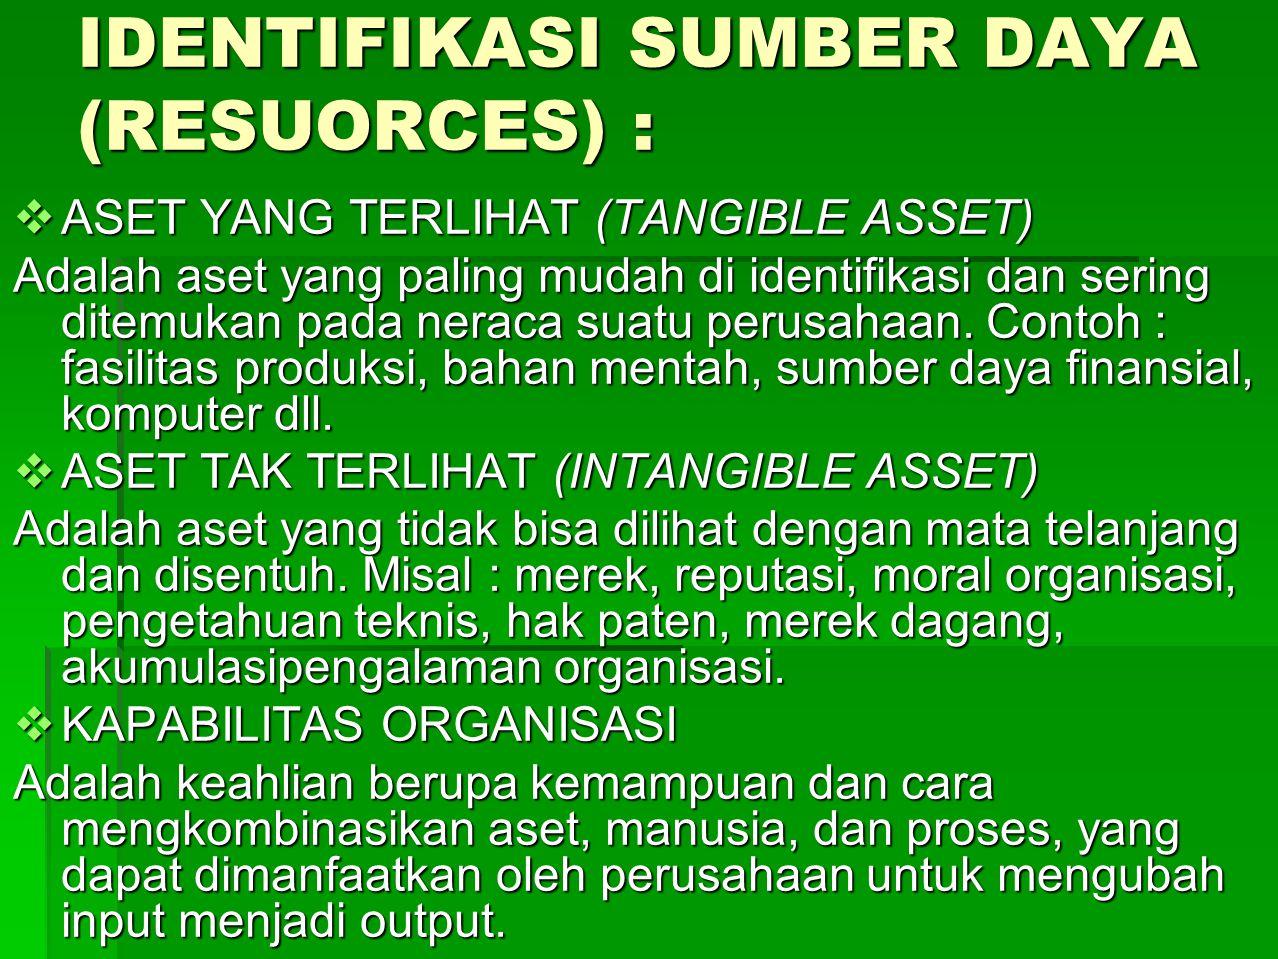 IDENTIFIKASI SUMBER DAYA (RESUORCES) :